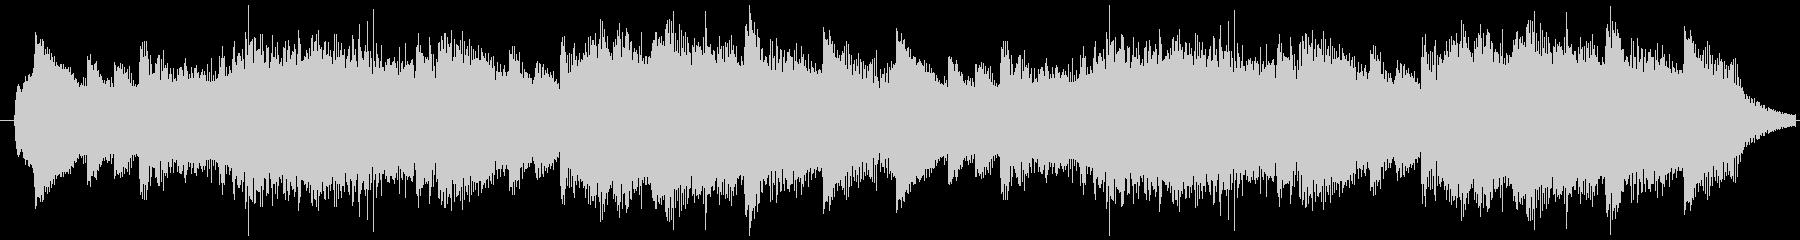 オシャレでクールなピアノソロ曲の未再生の波形